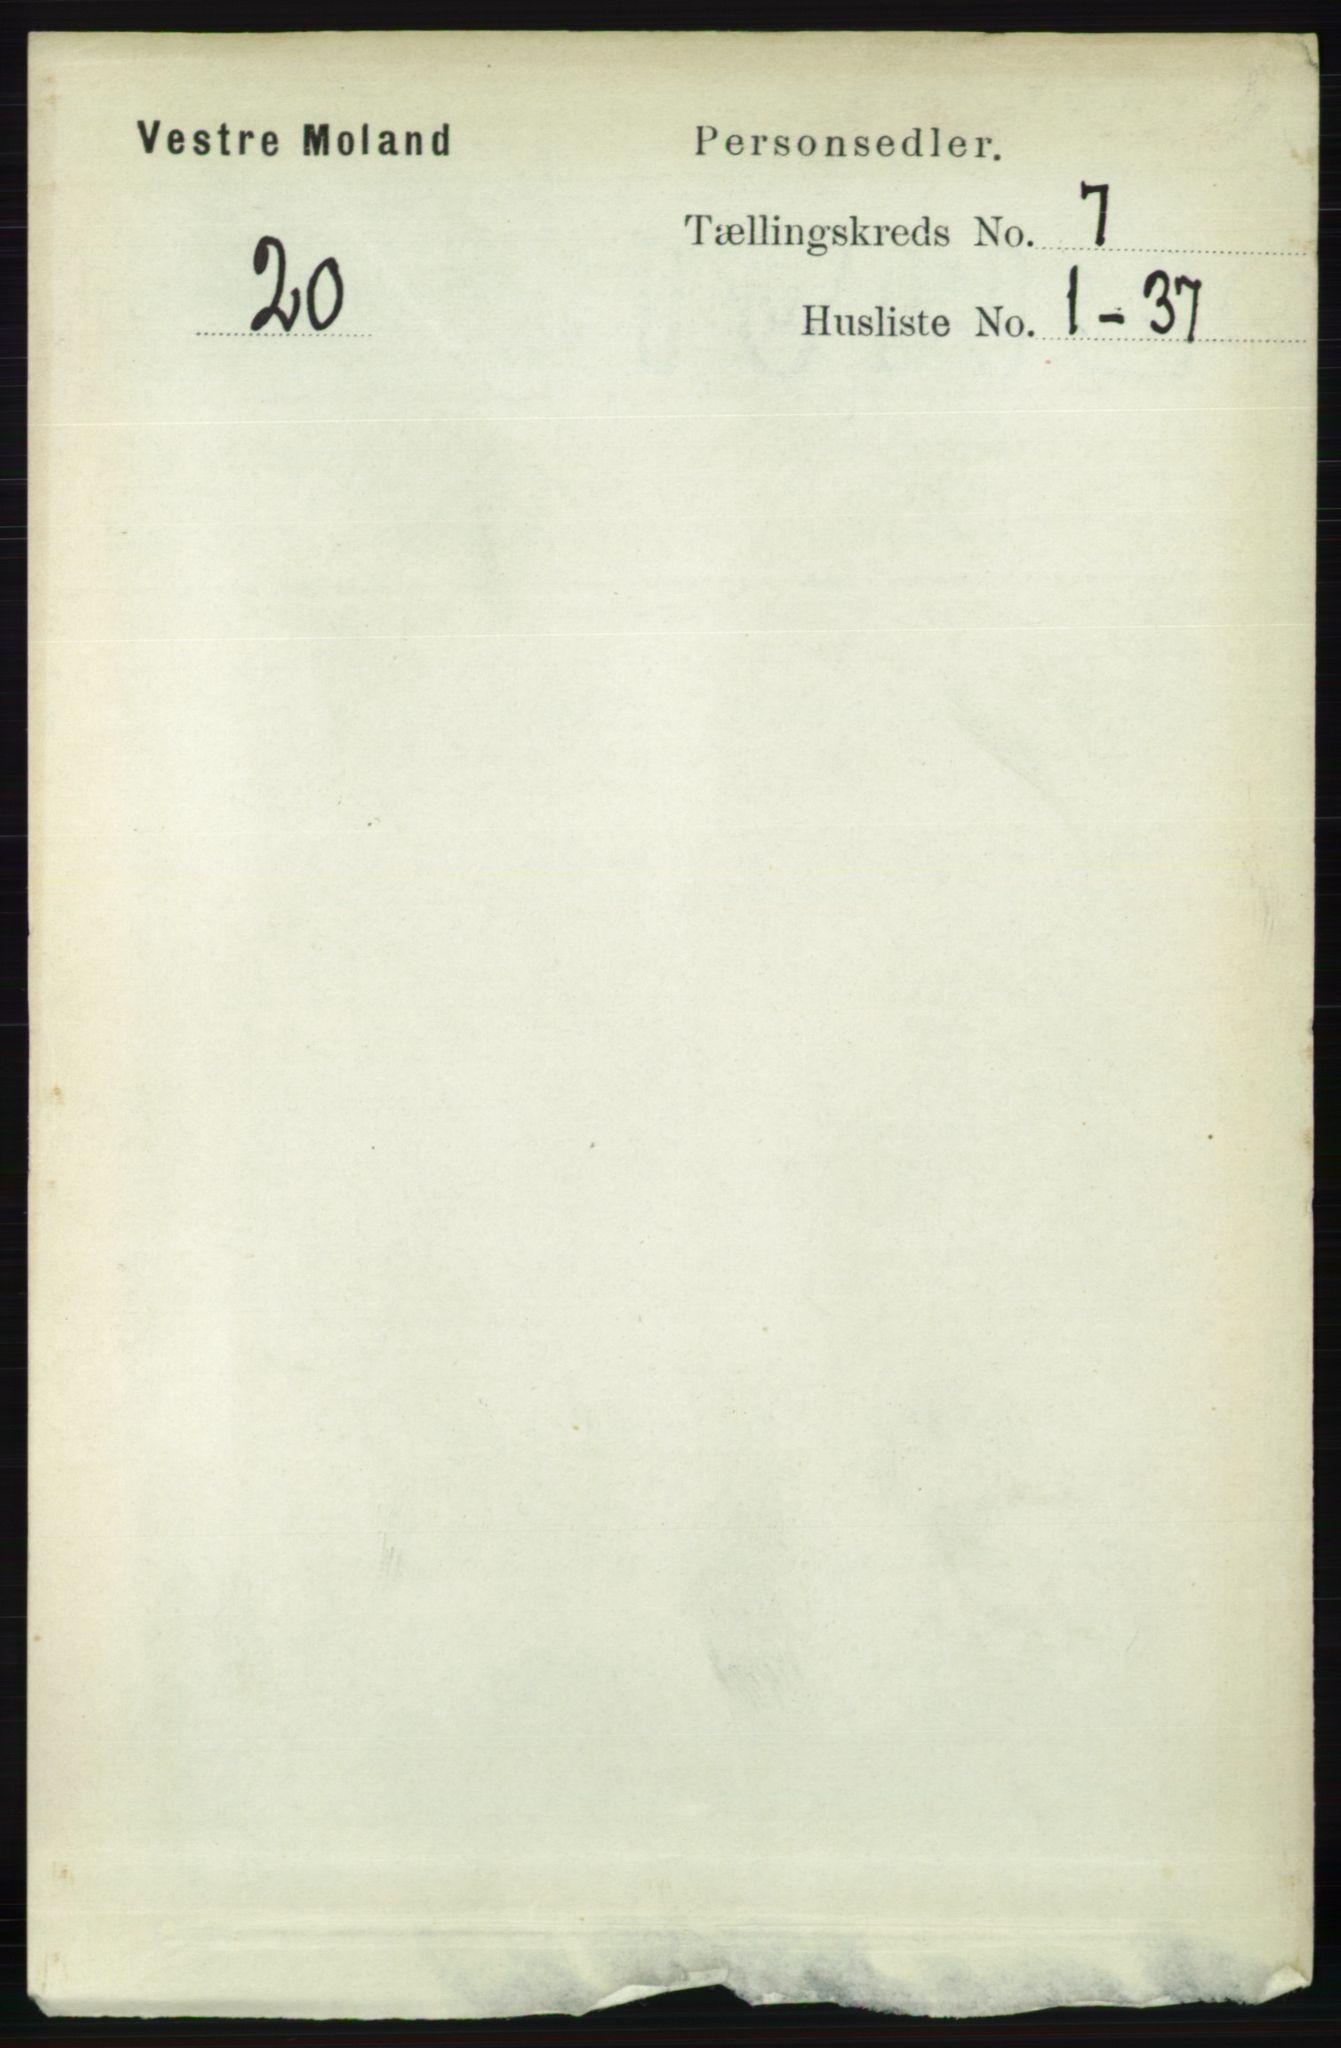 RA, Folketelling 1891 for 0926 Vestre Moland herred, 1891, s. 2798